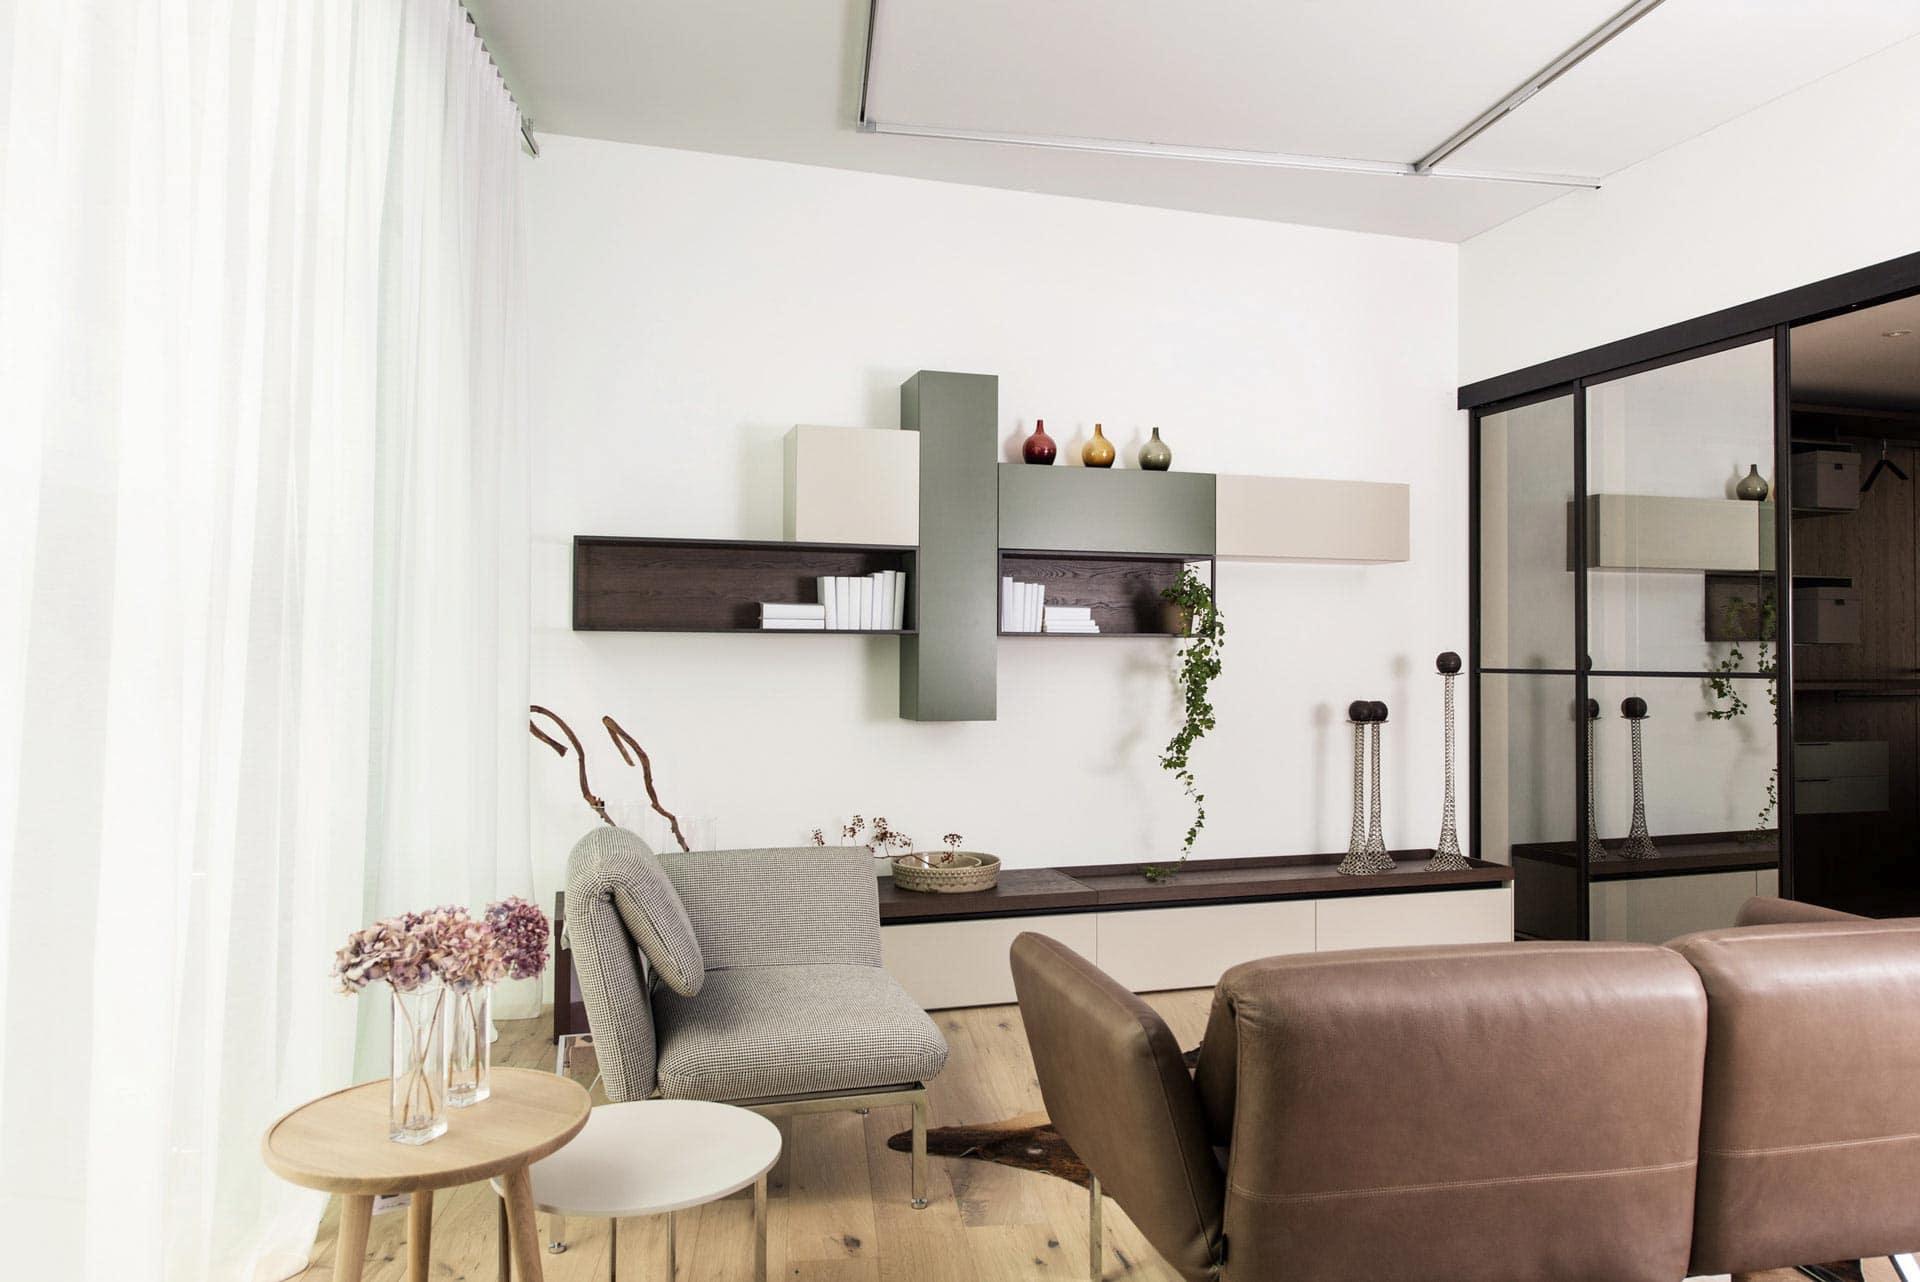 couchzone - Interior Design Innsbruck - Möbel & Einrichtung